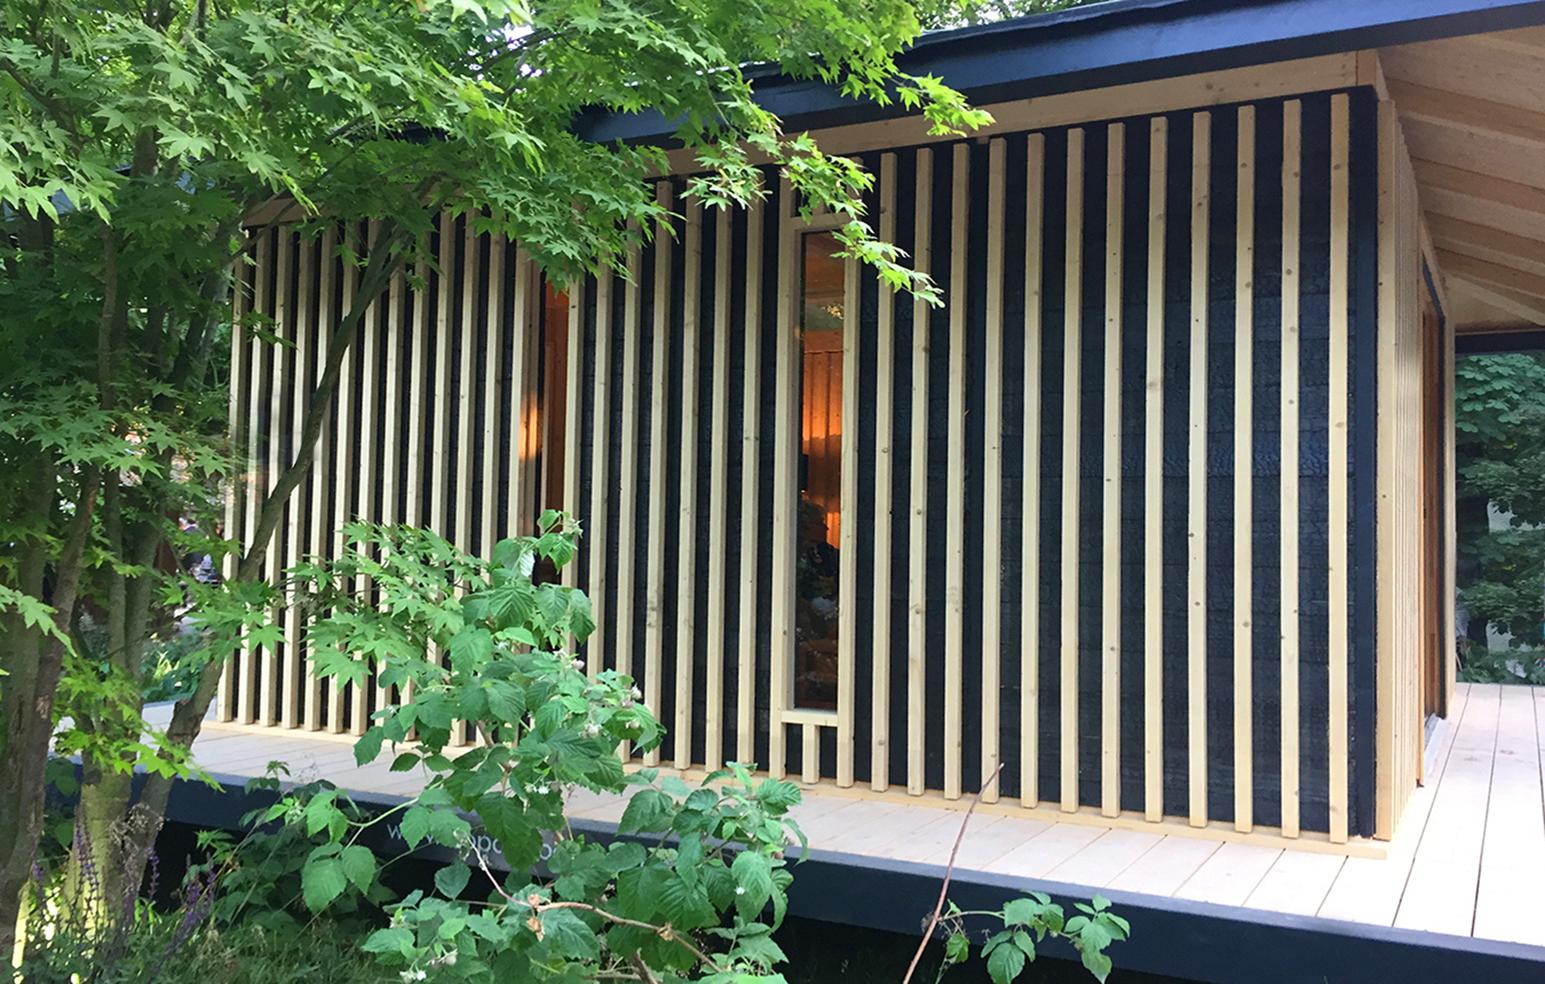 Cabane design en bois, pièce de jardin conçu par des architectes avec une finition en bois brulé shou sugi ban.